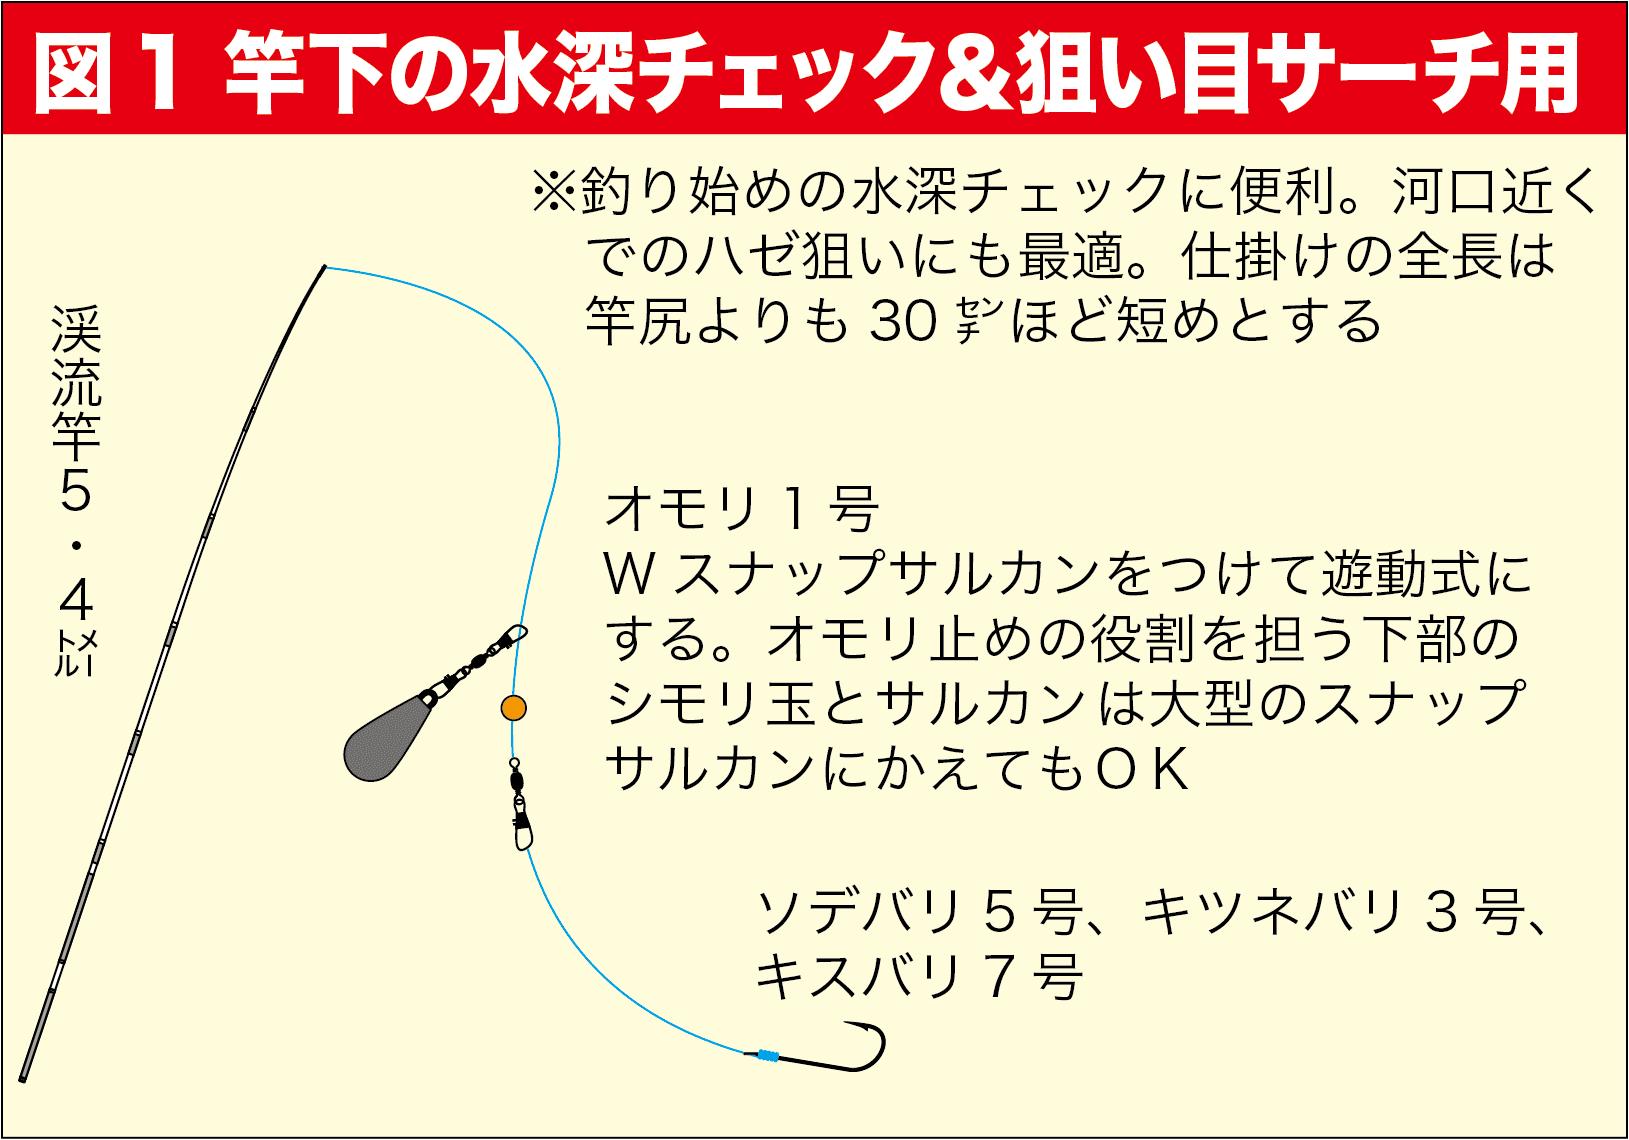 のべ竿大漁4-舞鶴10